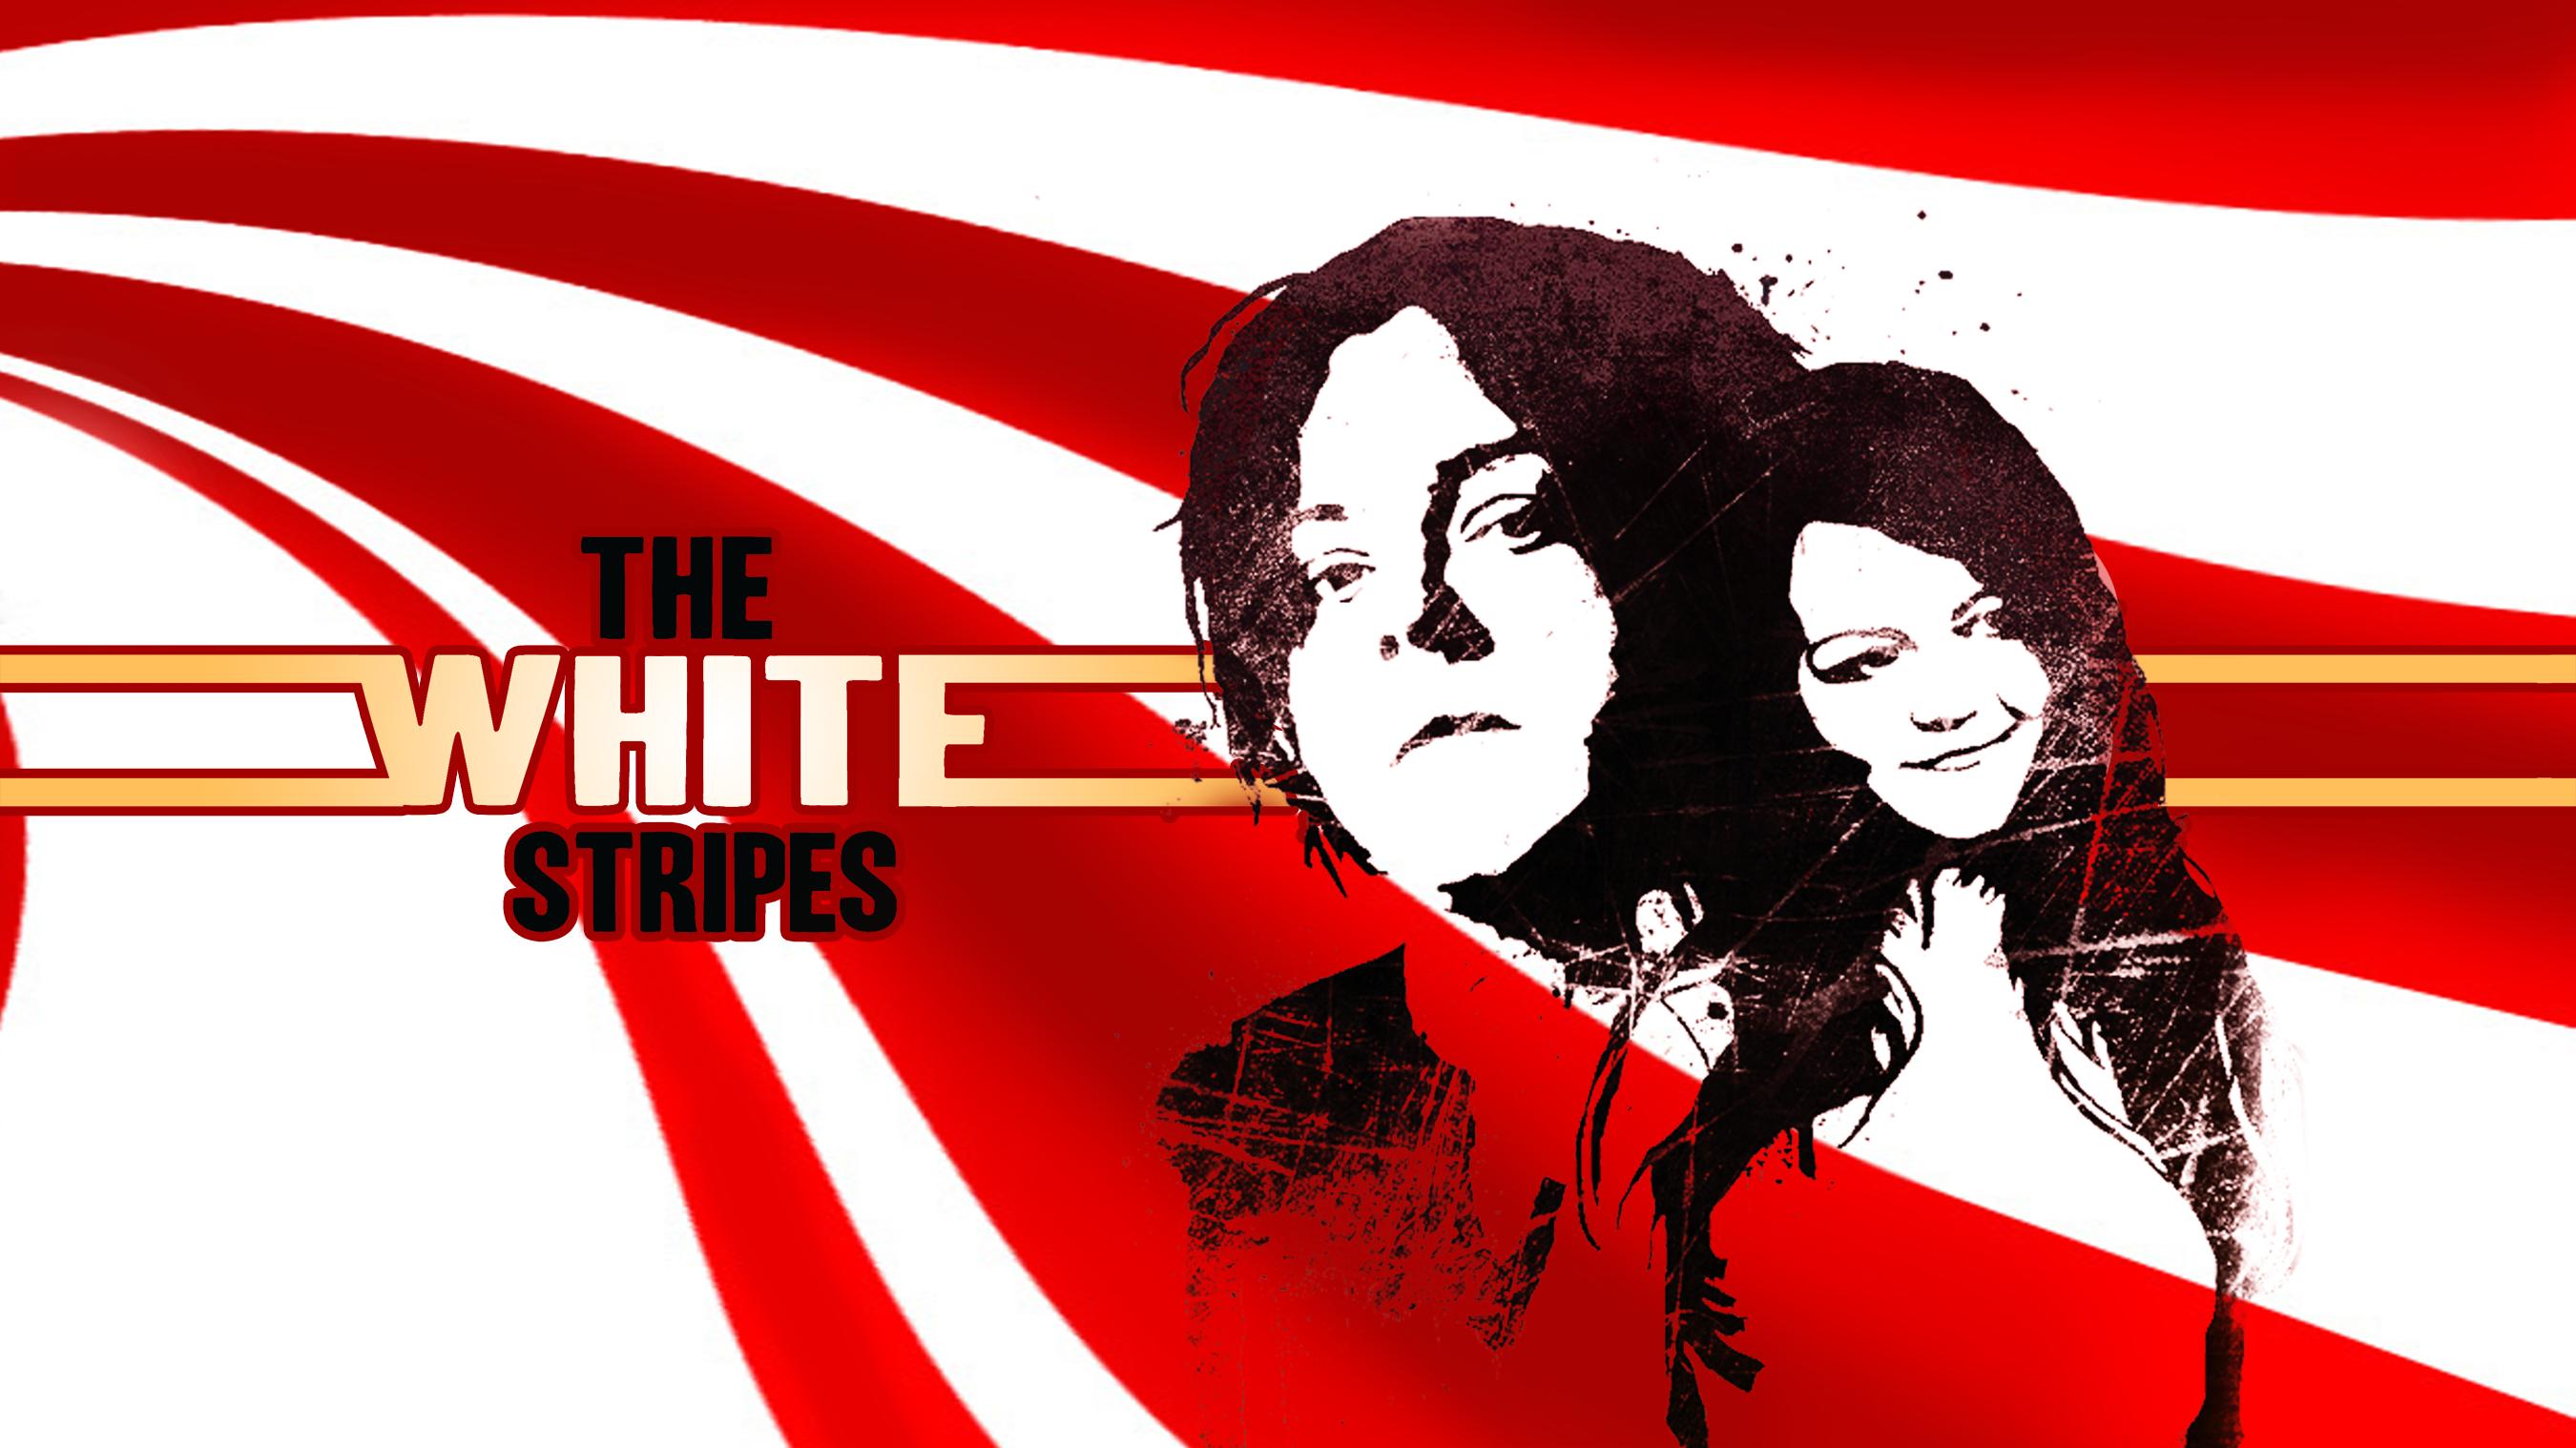 IThewhitestripes